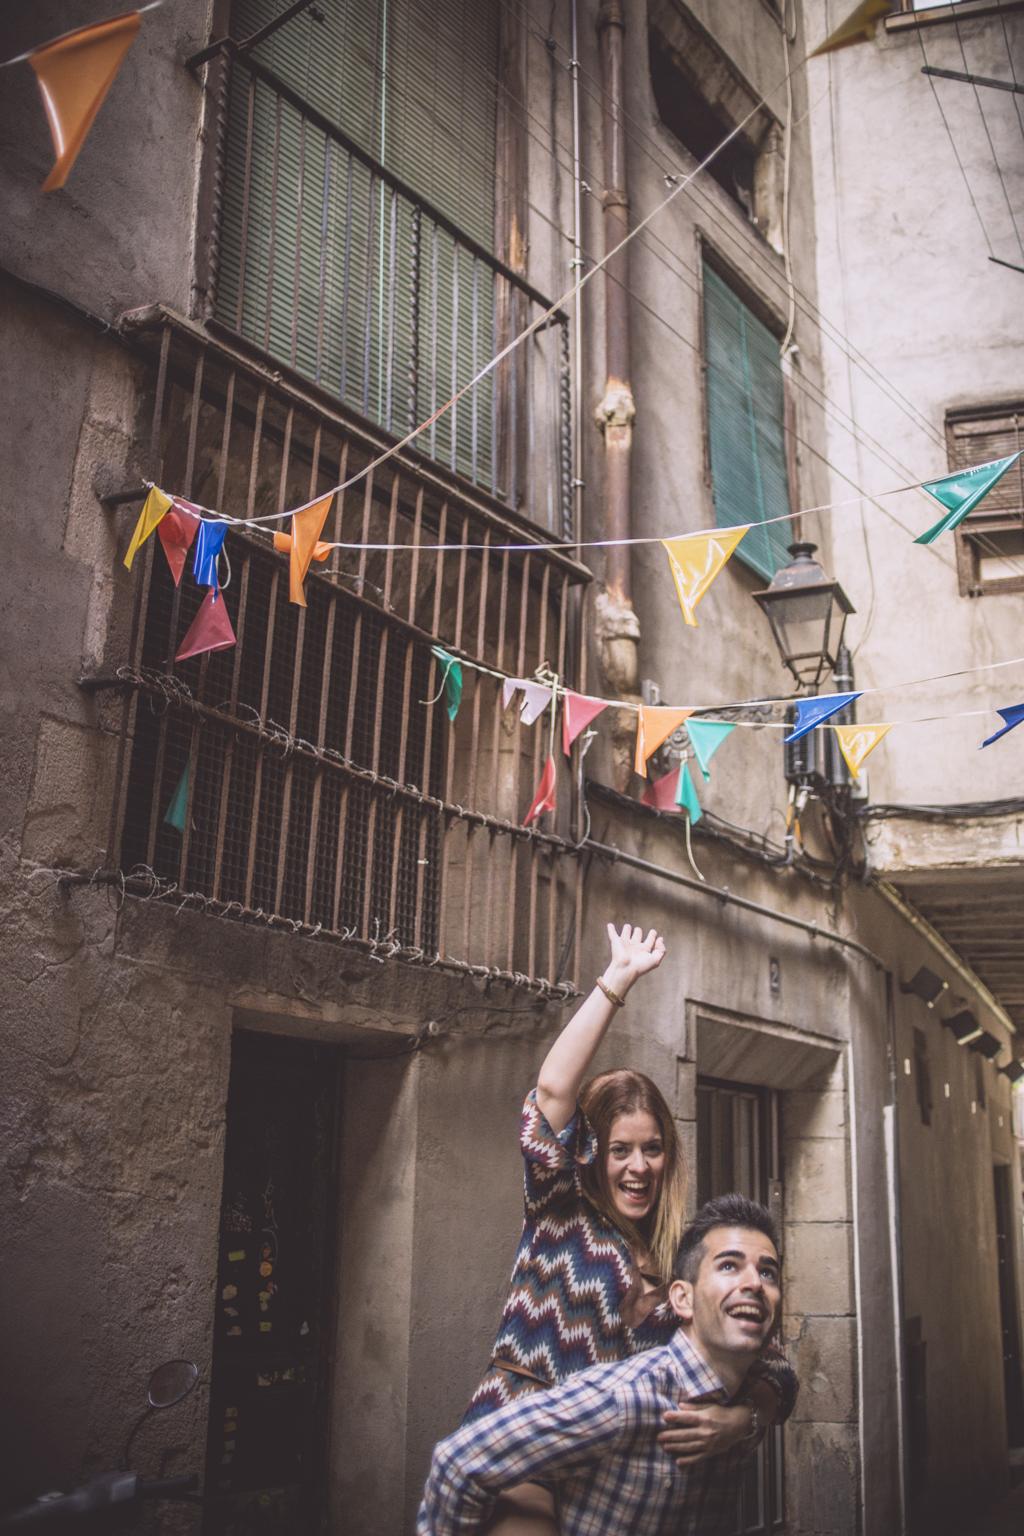 fotografo_pareja_barcelona-13